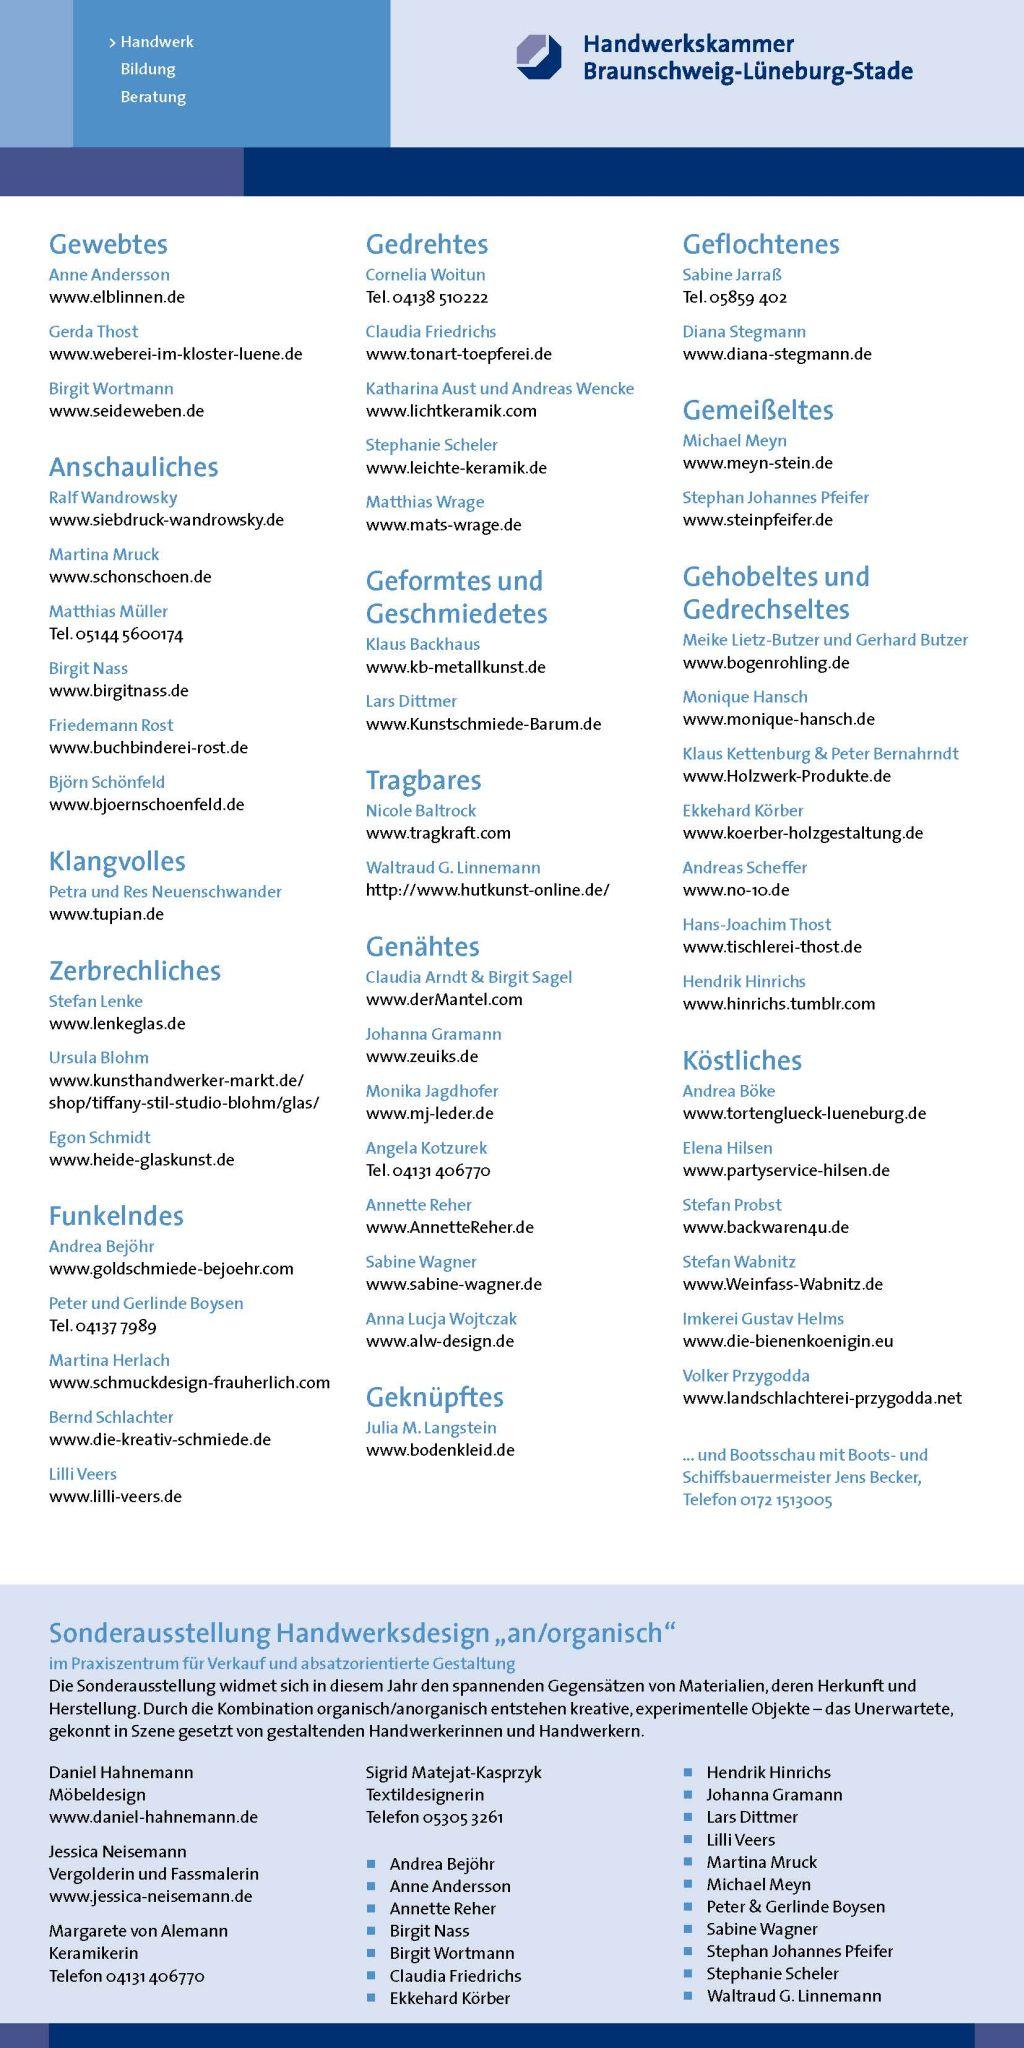 Sonderausstellung 2013 an/organisch - Flyer Edles Handwerk mit Ausstellern